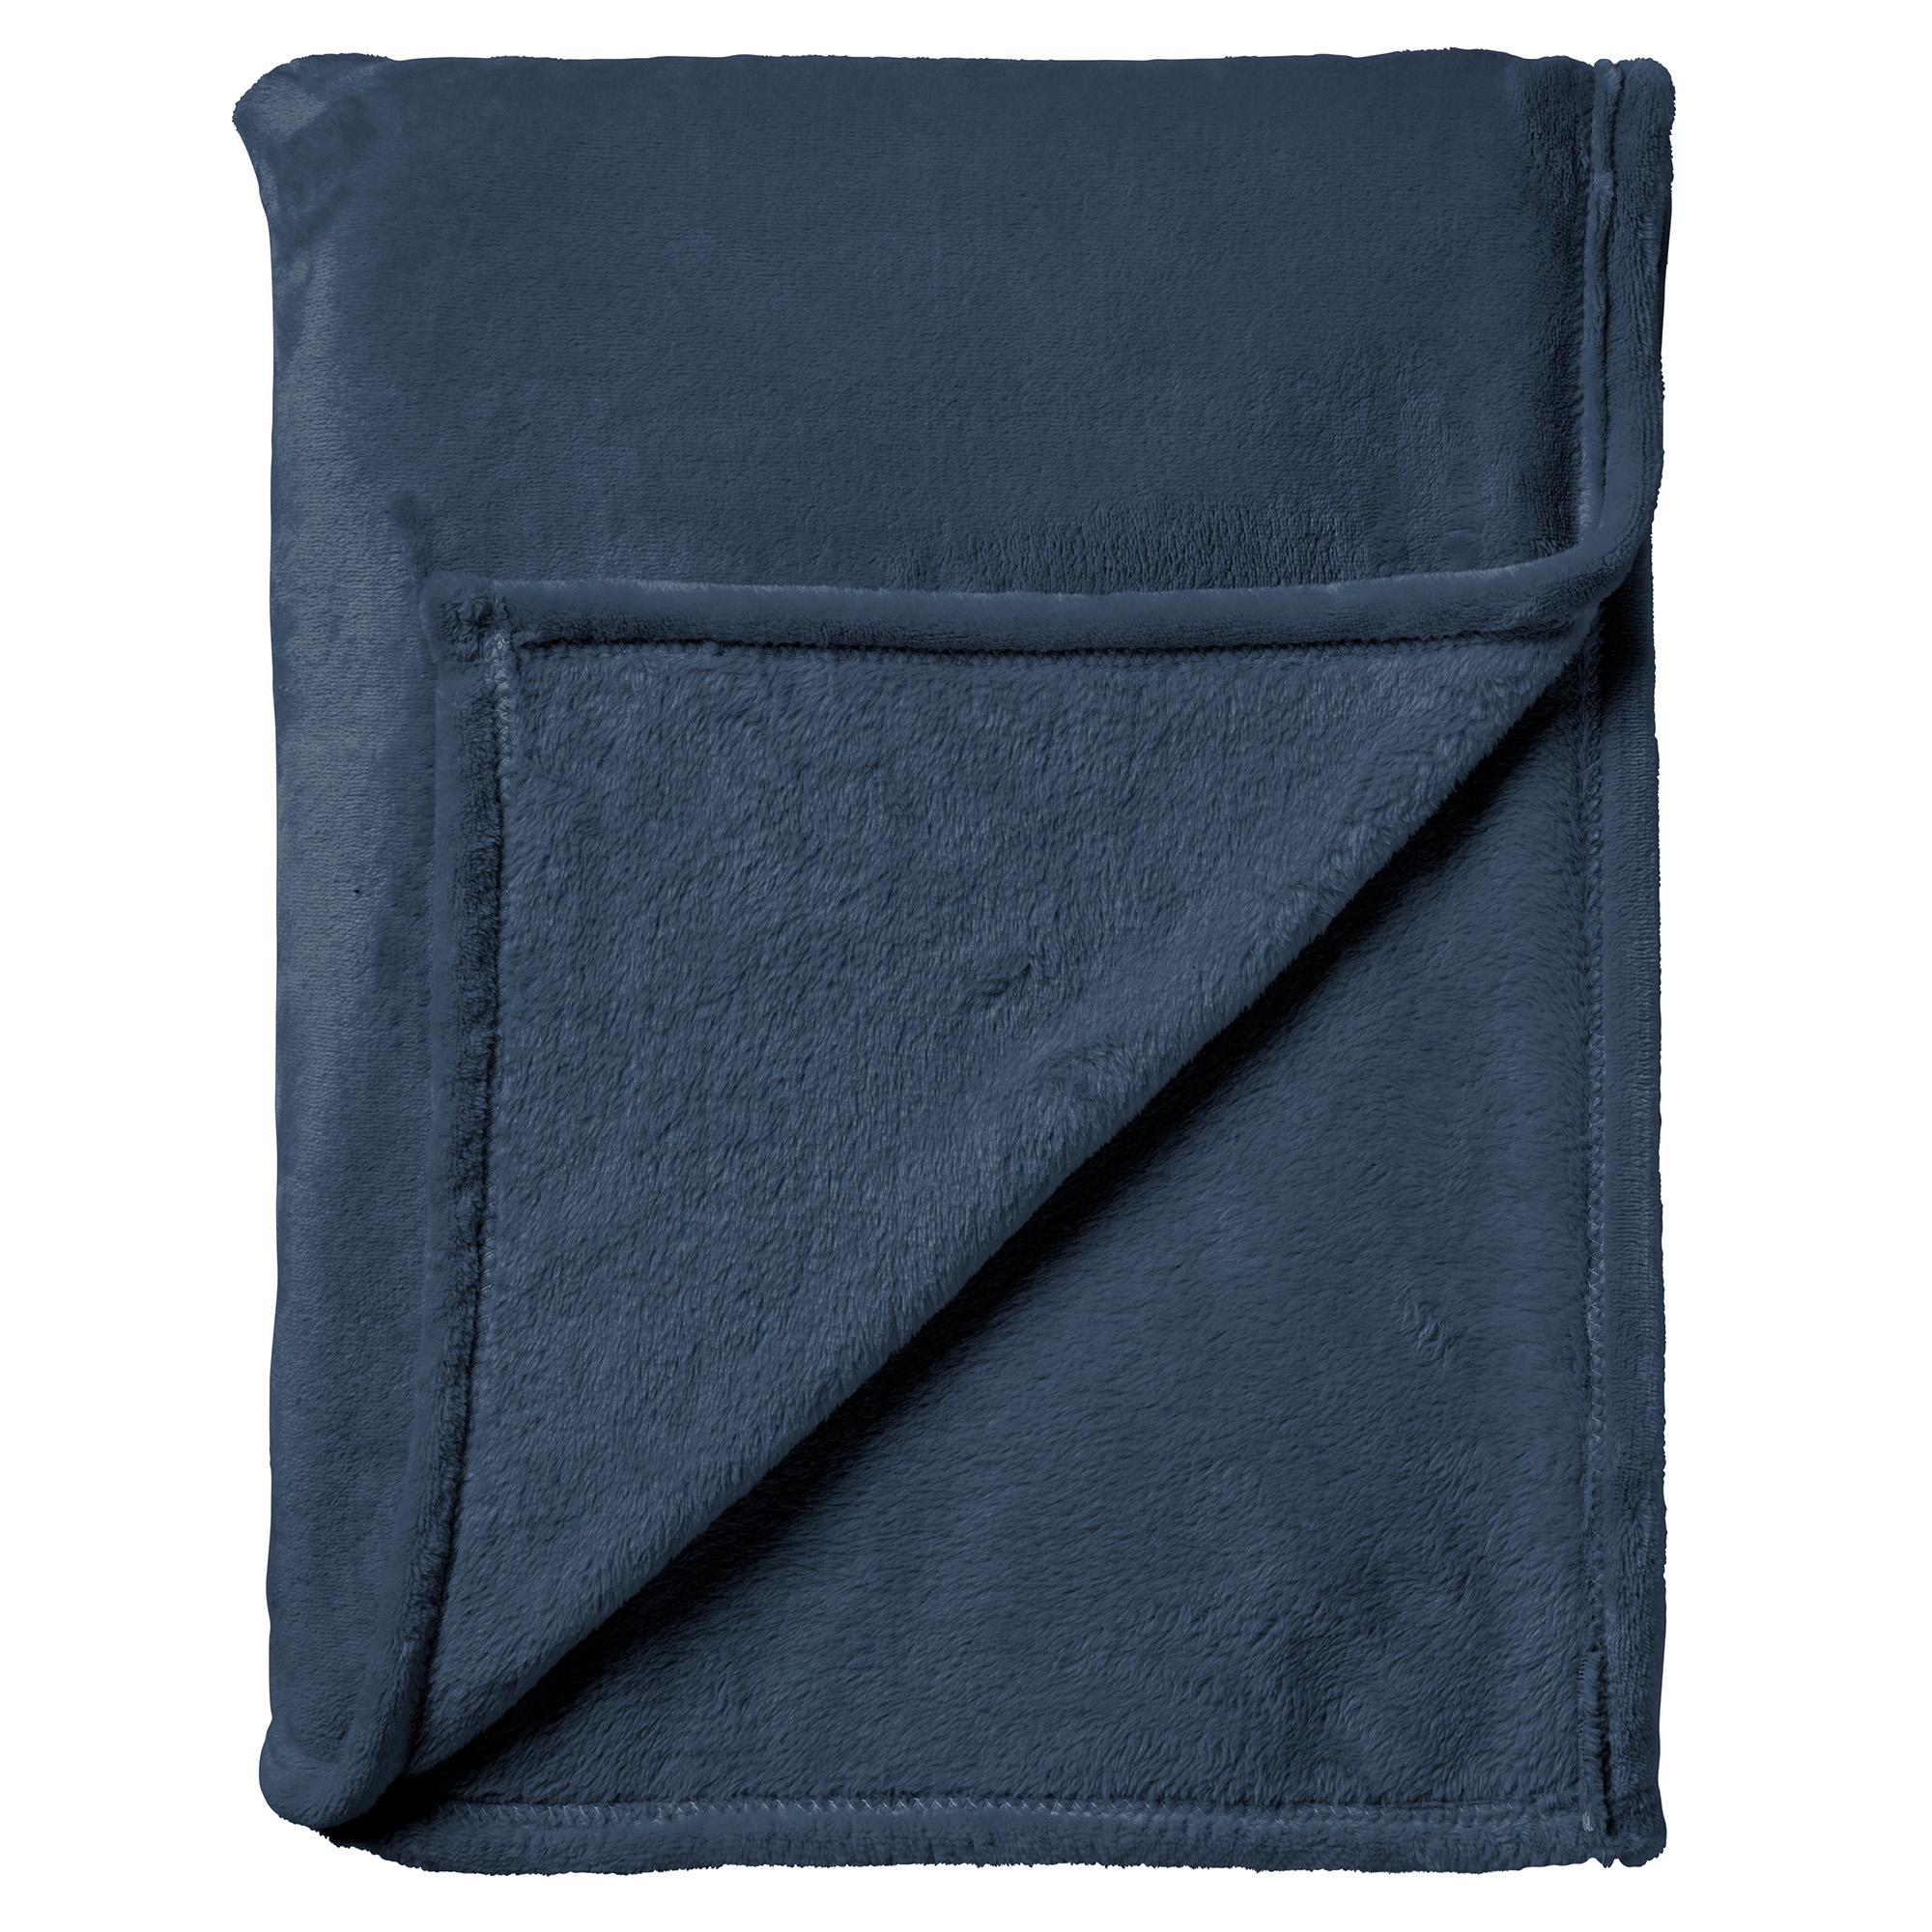 CHARLIE - Plaid Insignia Blue 200x220 cm